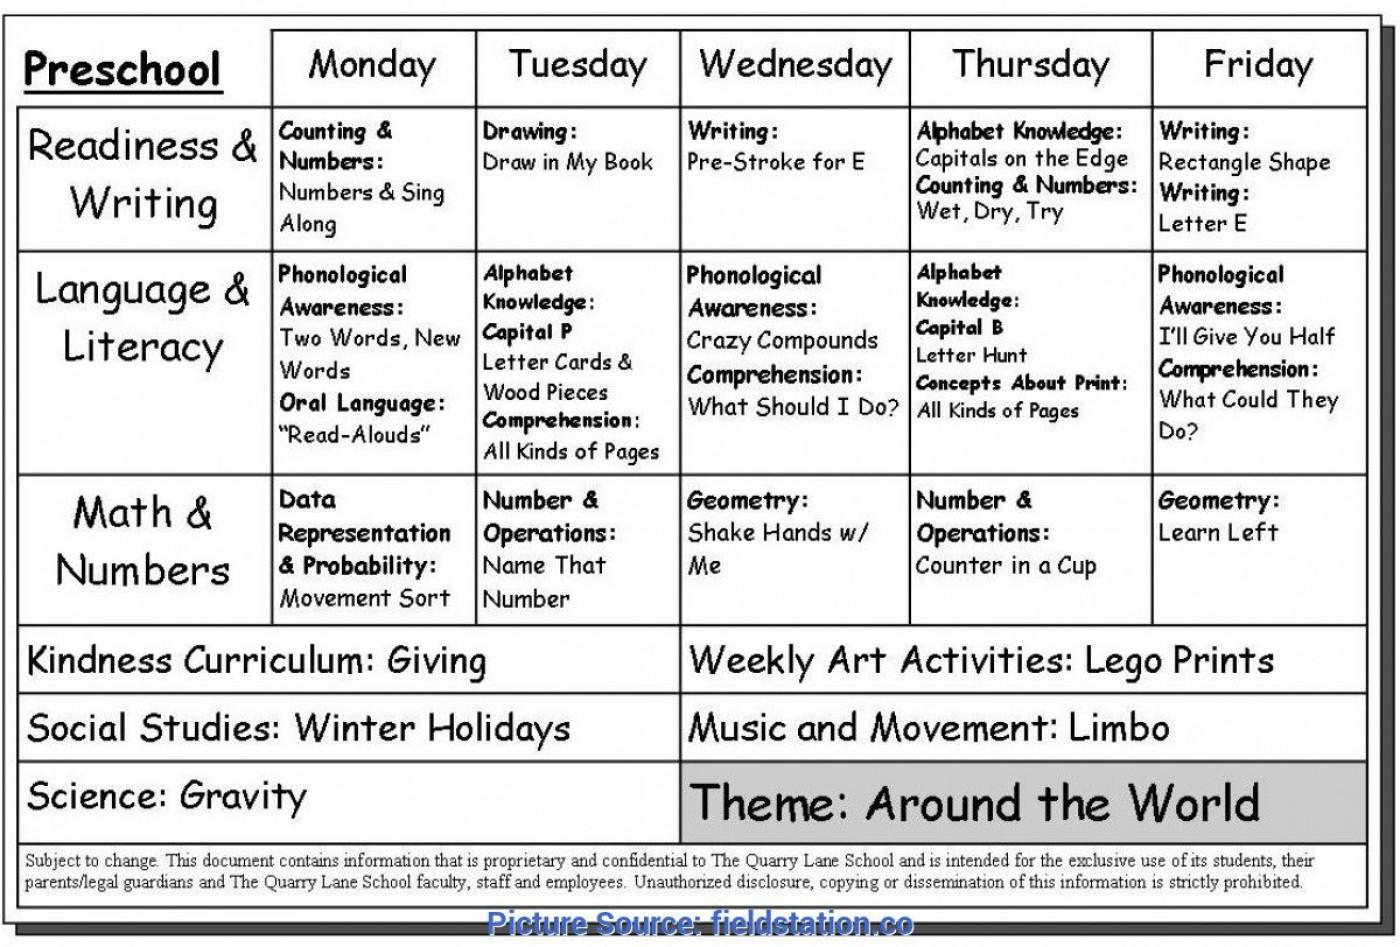 008 Unusual Preschool Weekly Lesson Plan Template Sample  Pdf Free Printable1400